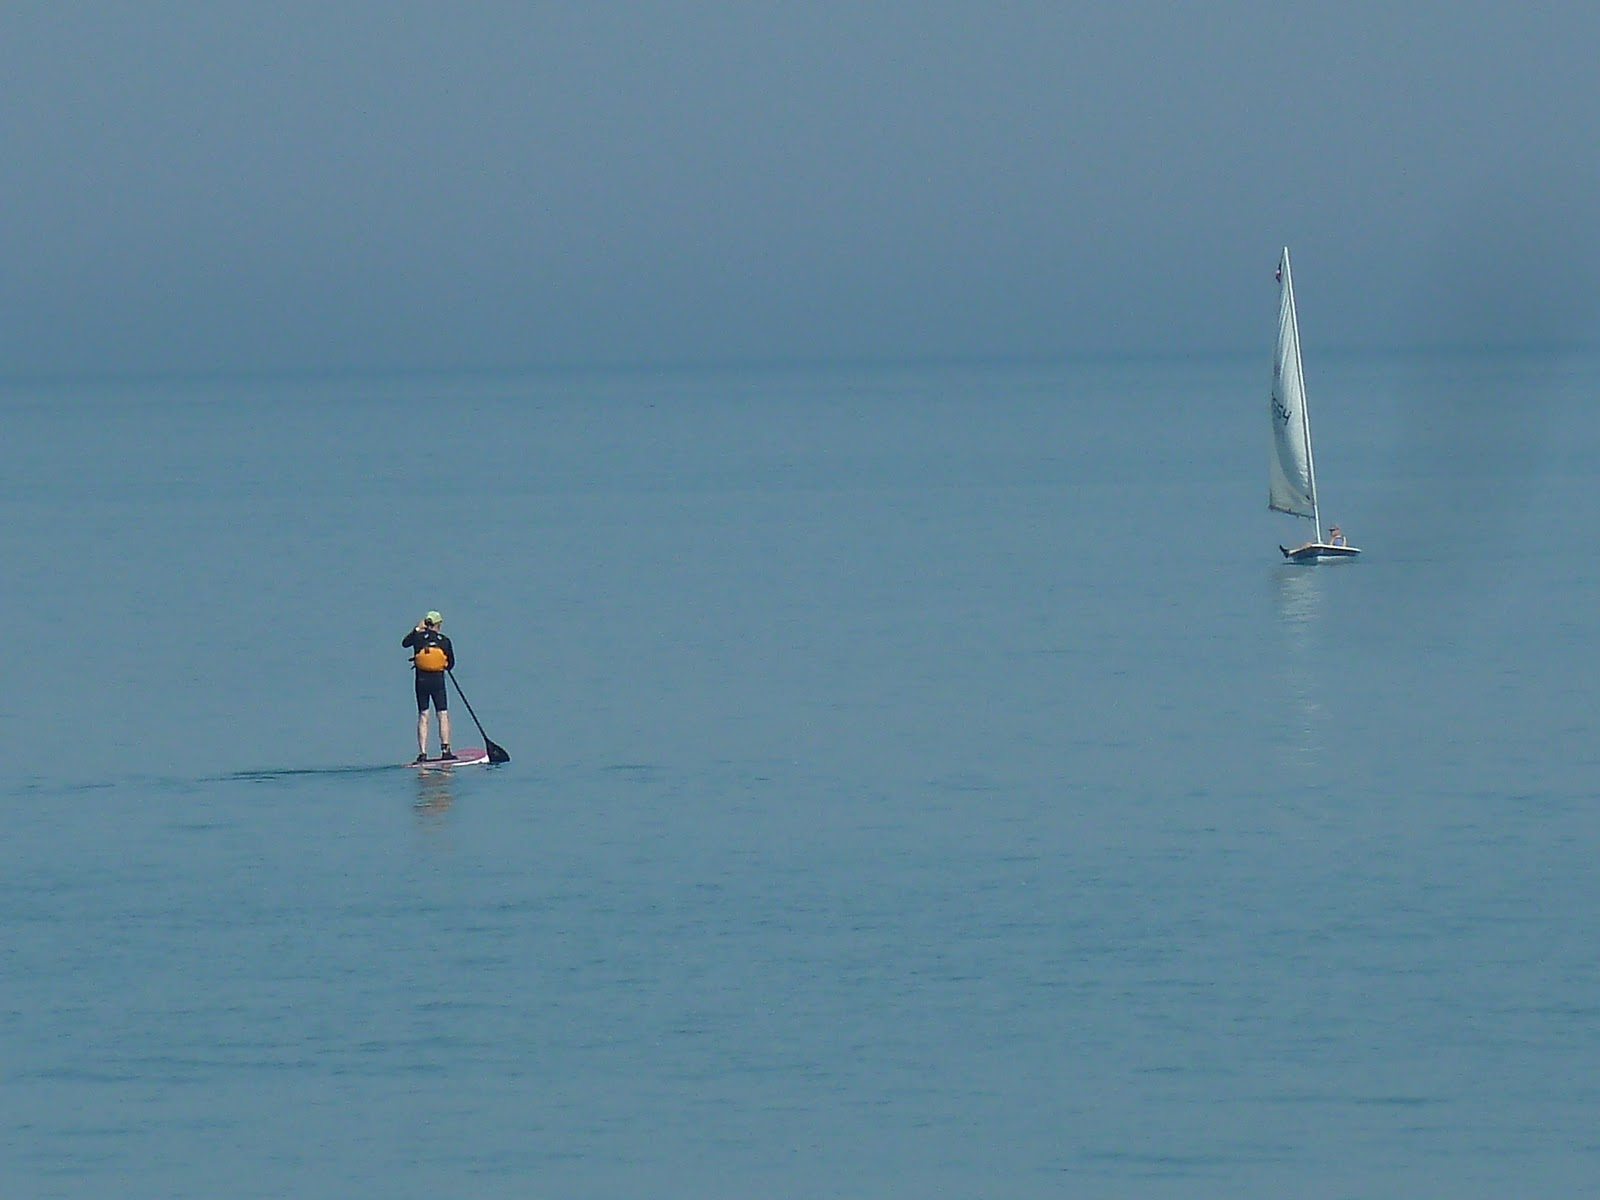 Water Sport Rentals Near Singer Island